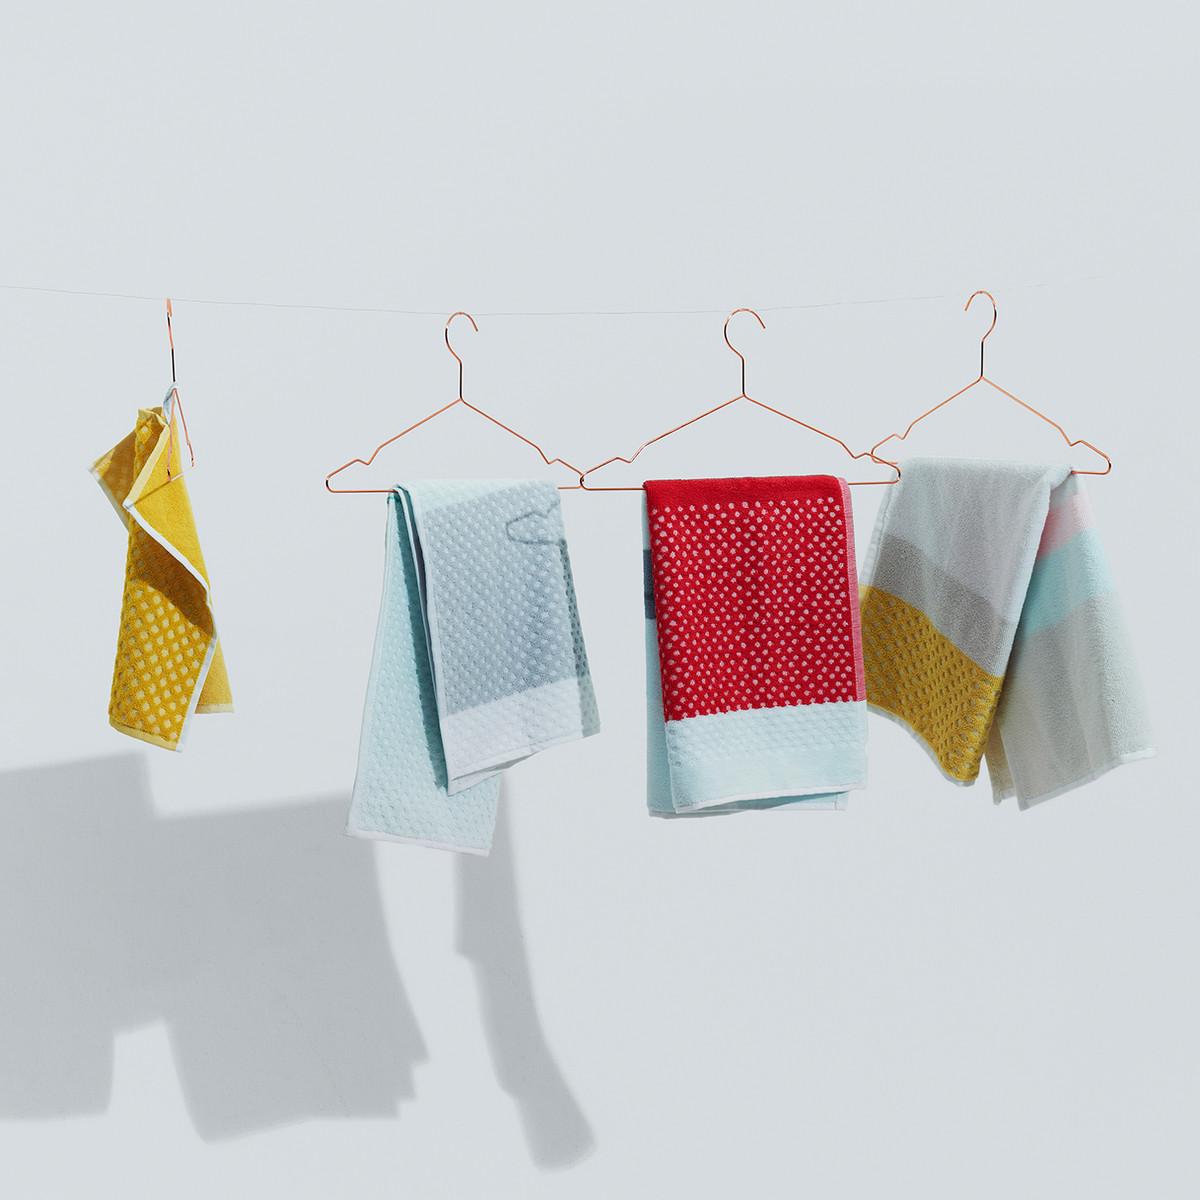 HAY towels